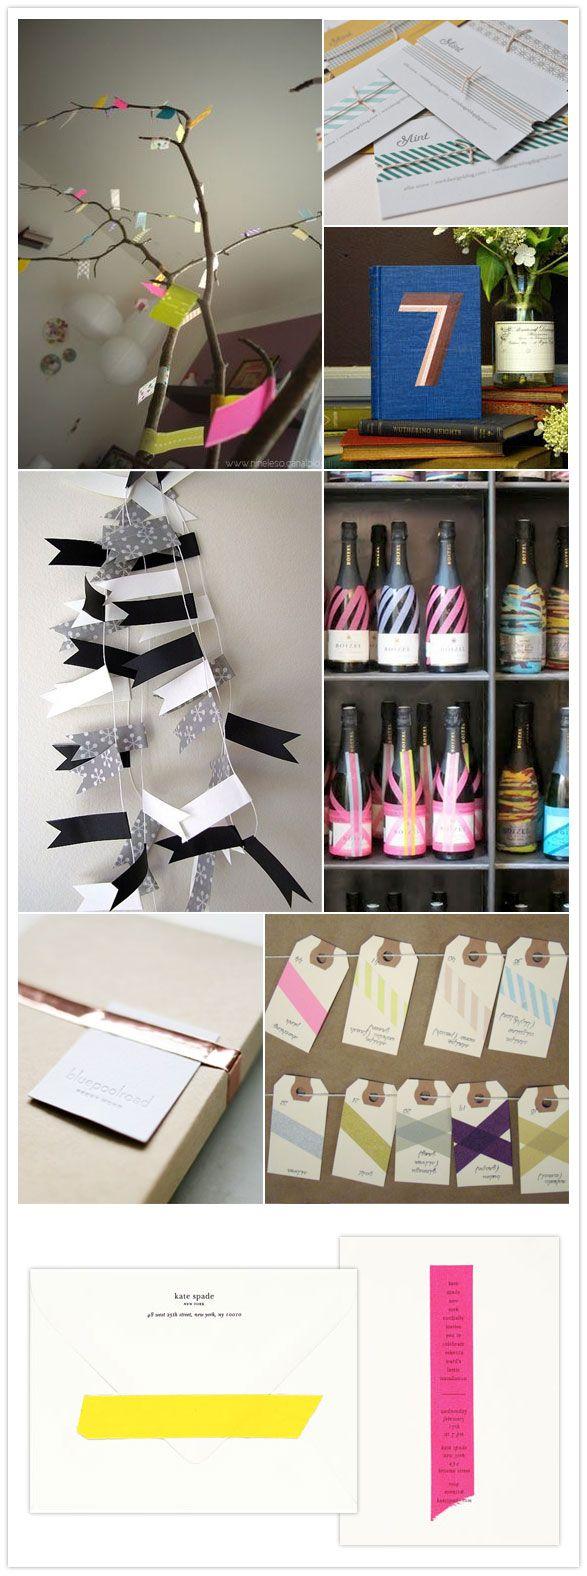 Nice decor ideas: Decor Ideas, Crafts Ideas, Masks Tape Decor, Fun Ideas, Tape Ideas, Washi Washi, Washi Tape, Tape Inspiration, Masks Tape Crafts